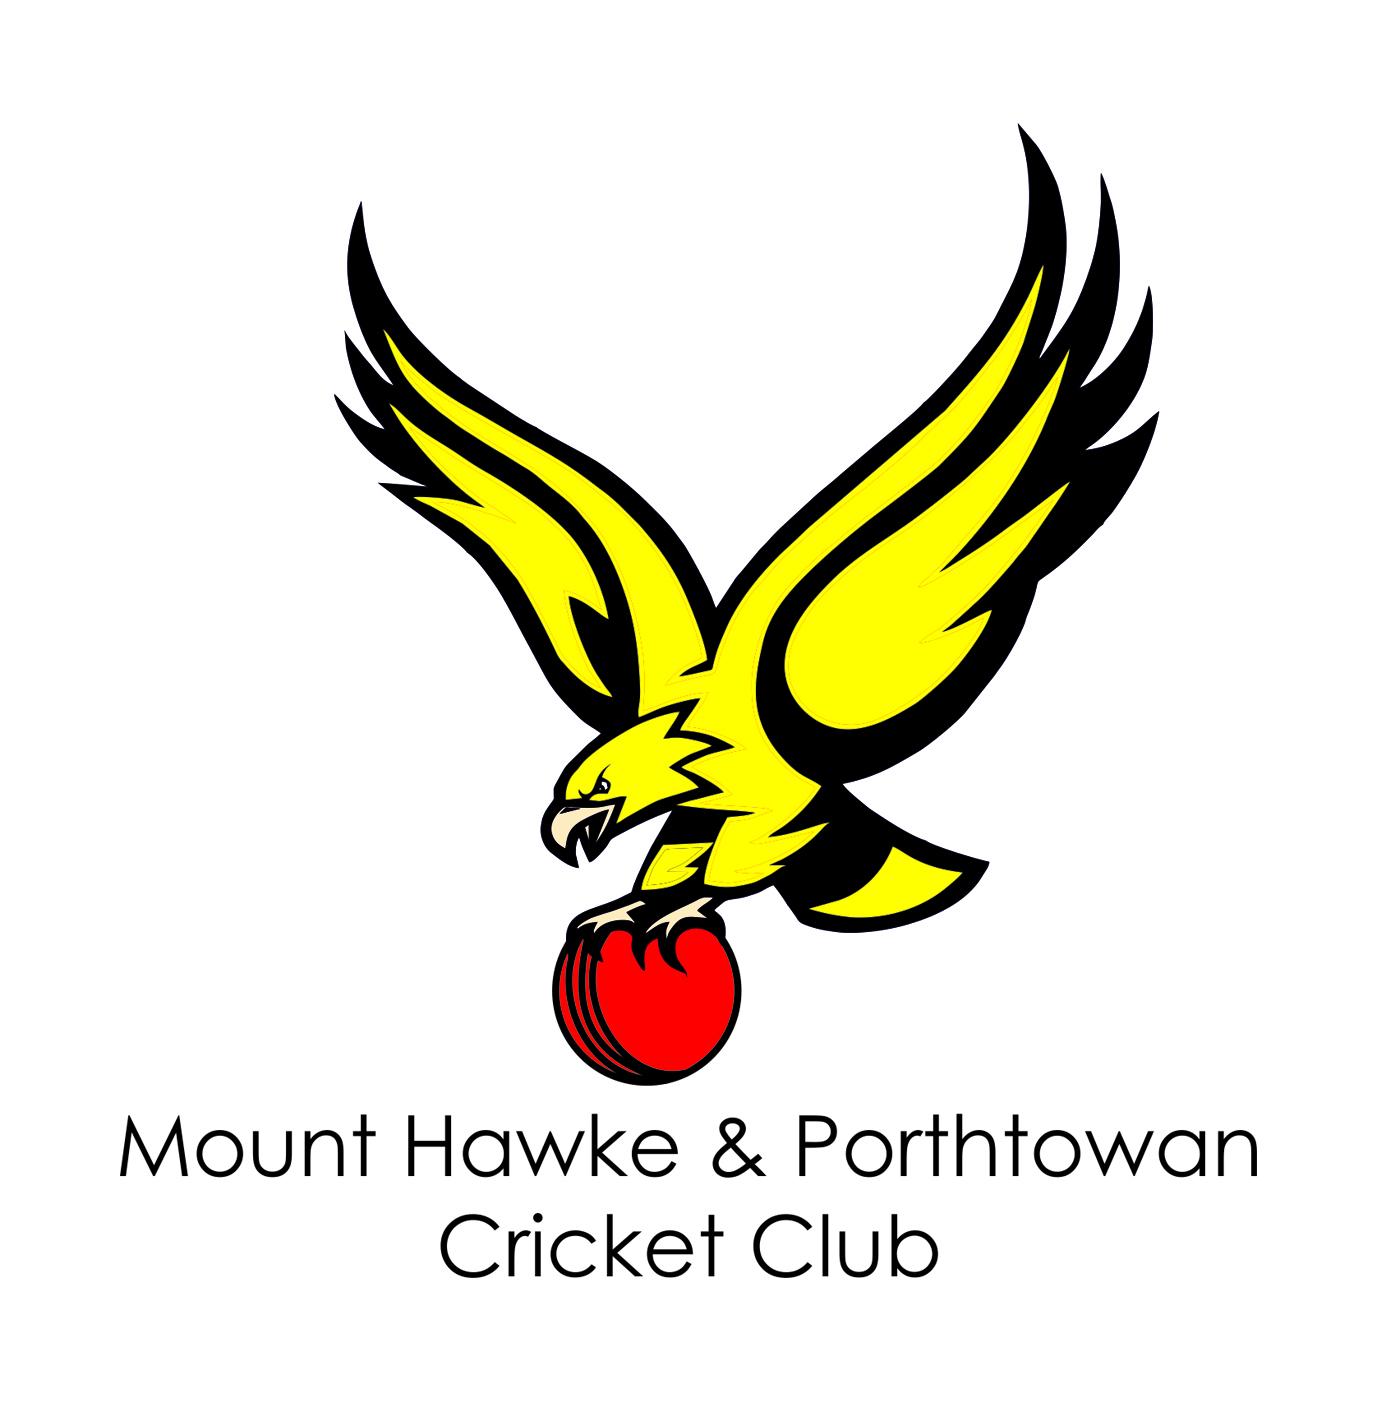 Mount Hawke & Porthtowan Cricket Club